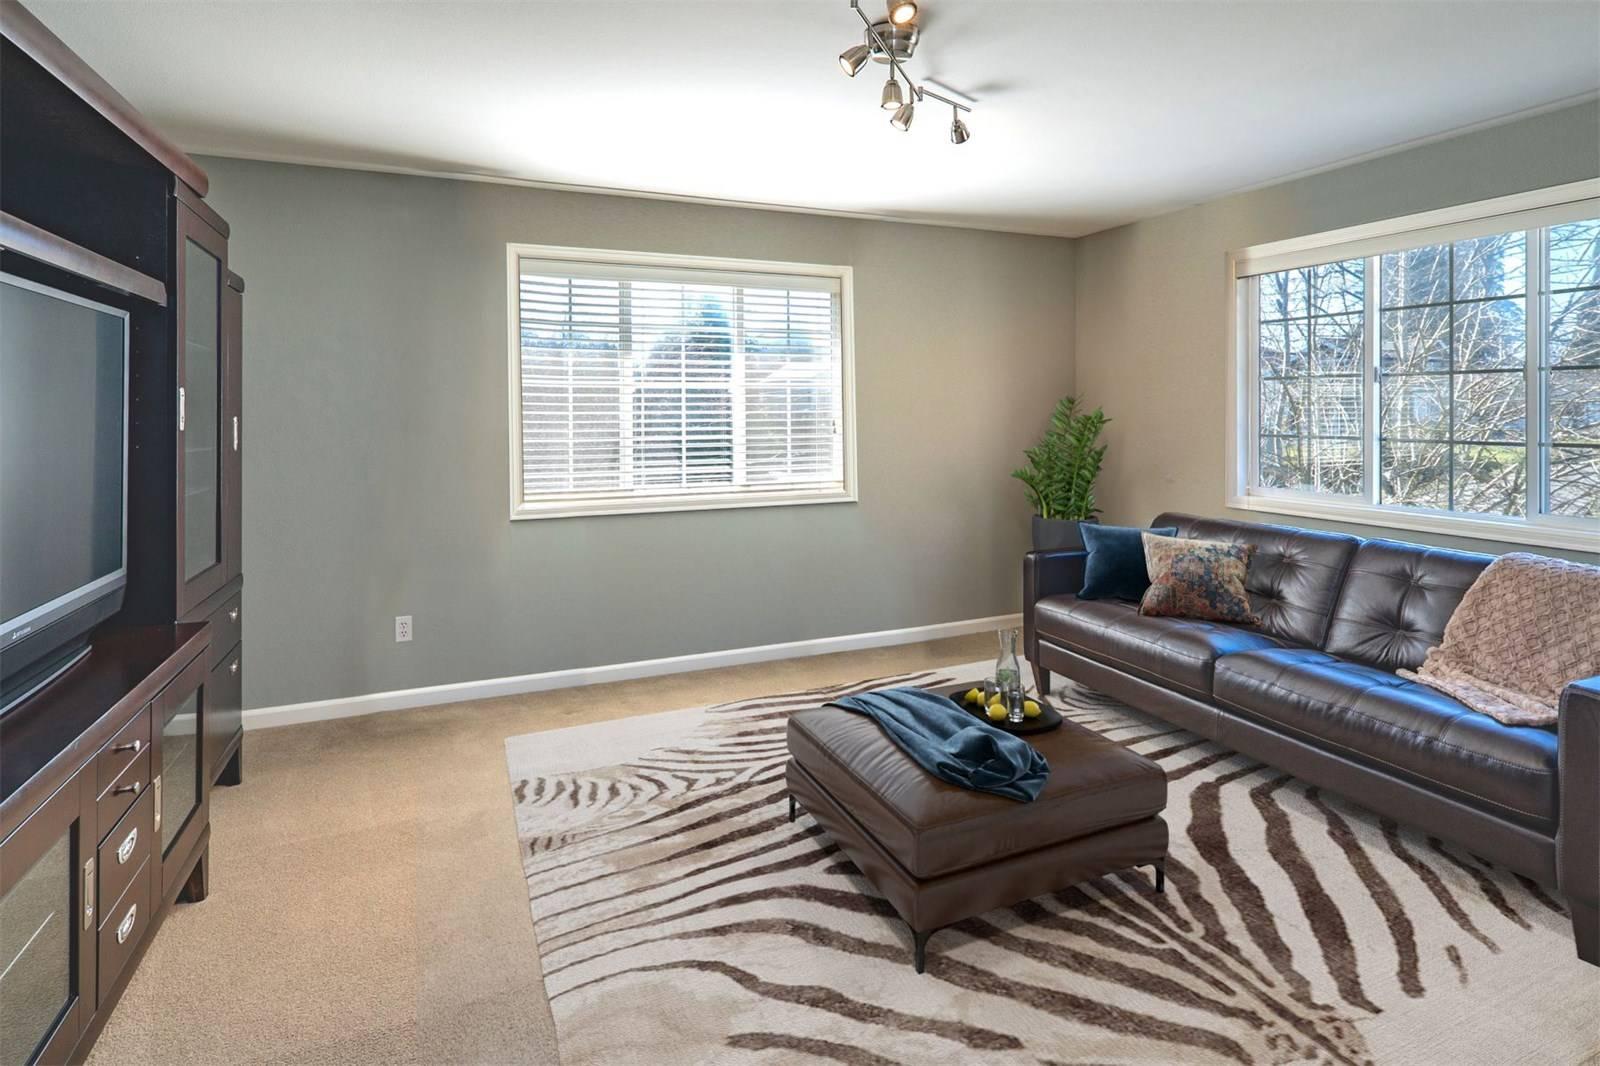 1624 108th Avenue Northeast, Bellevue - Helen Pederslie (19).jpg